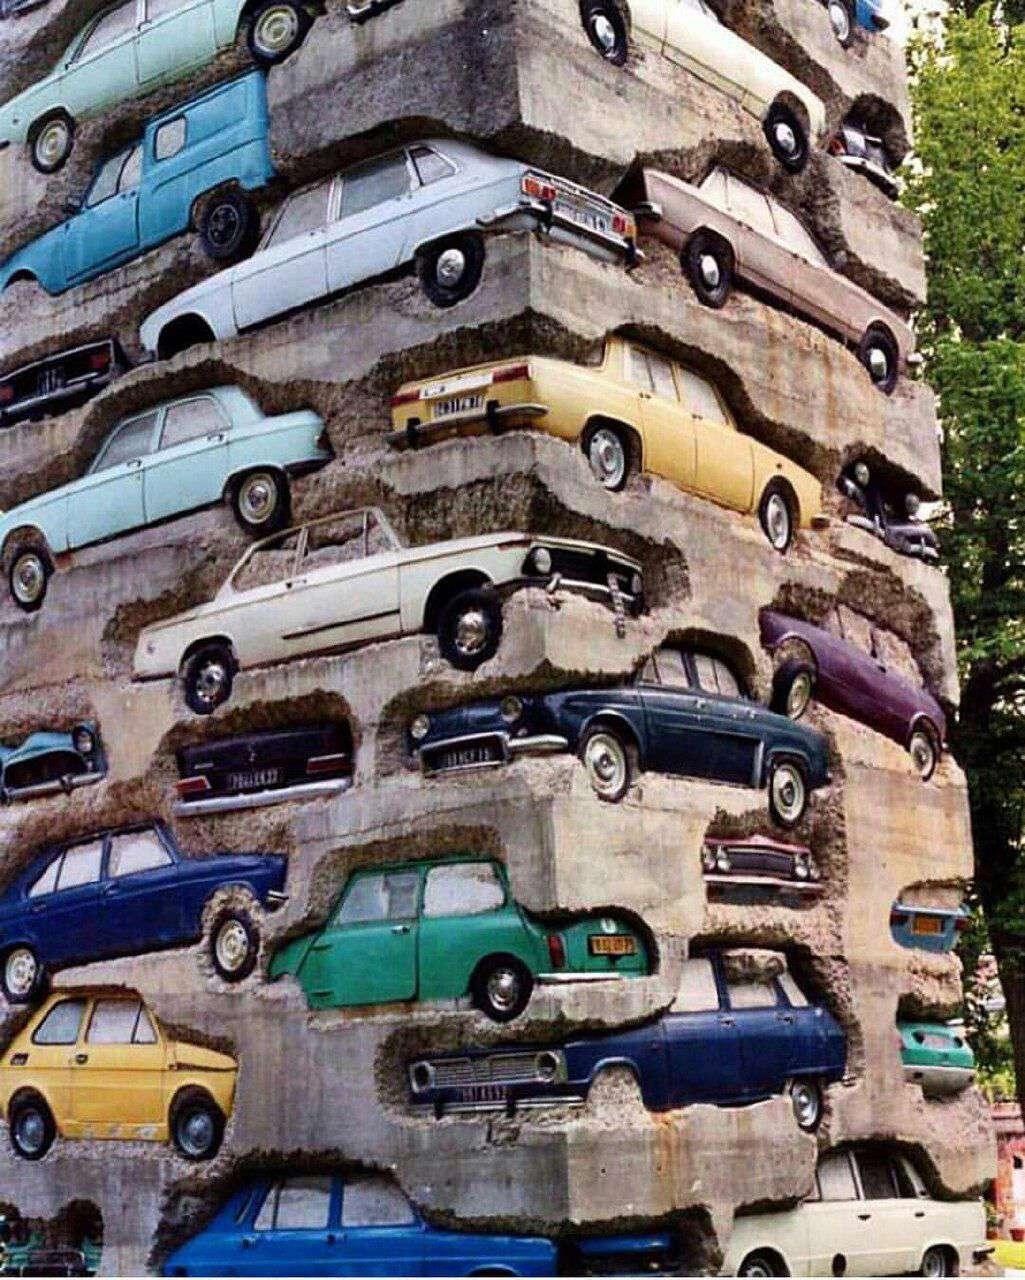 بنای ساخته شده از خودروهای قدیمی